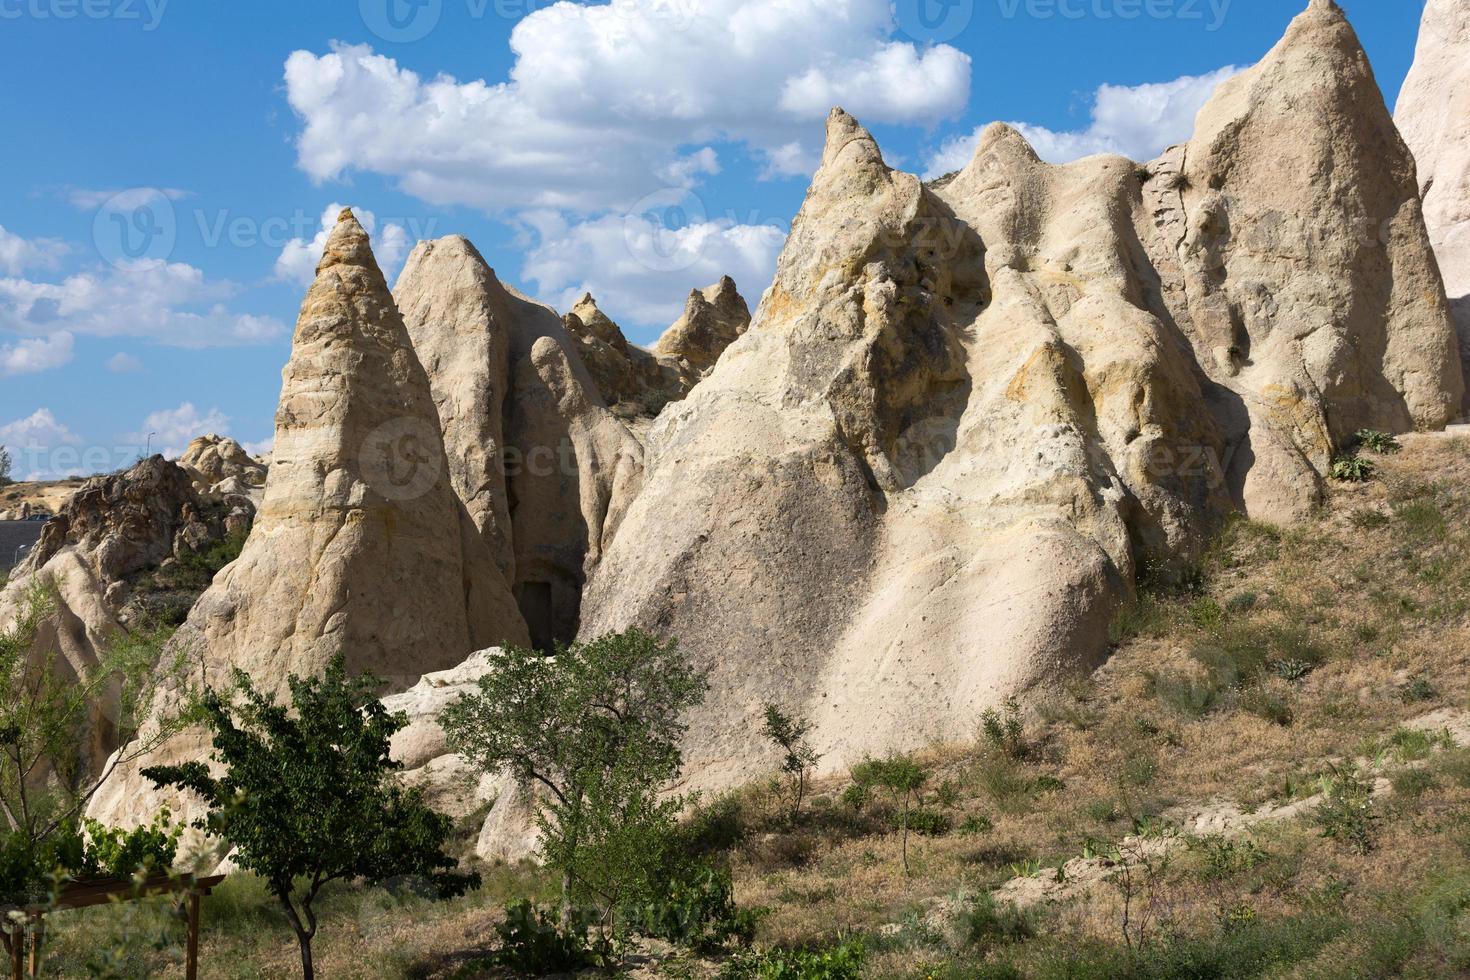 formations rocheuses dans le parc national de Goreme. photo